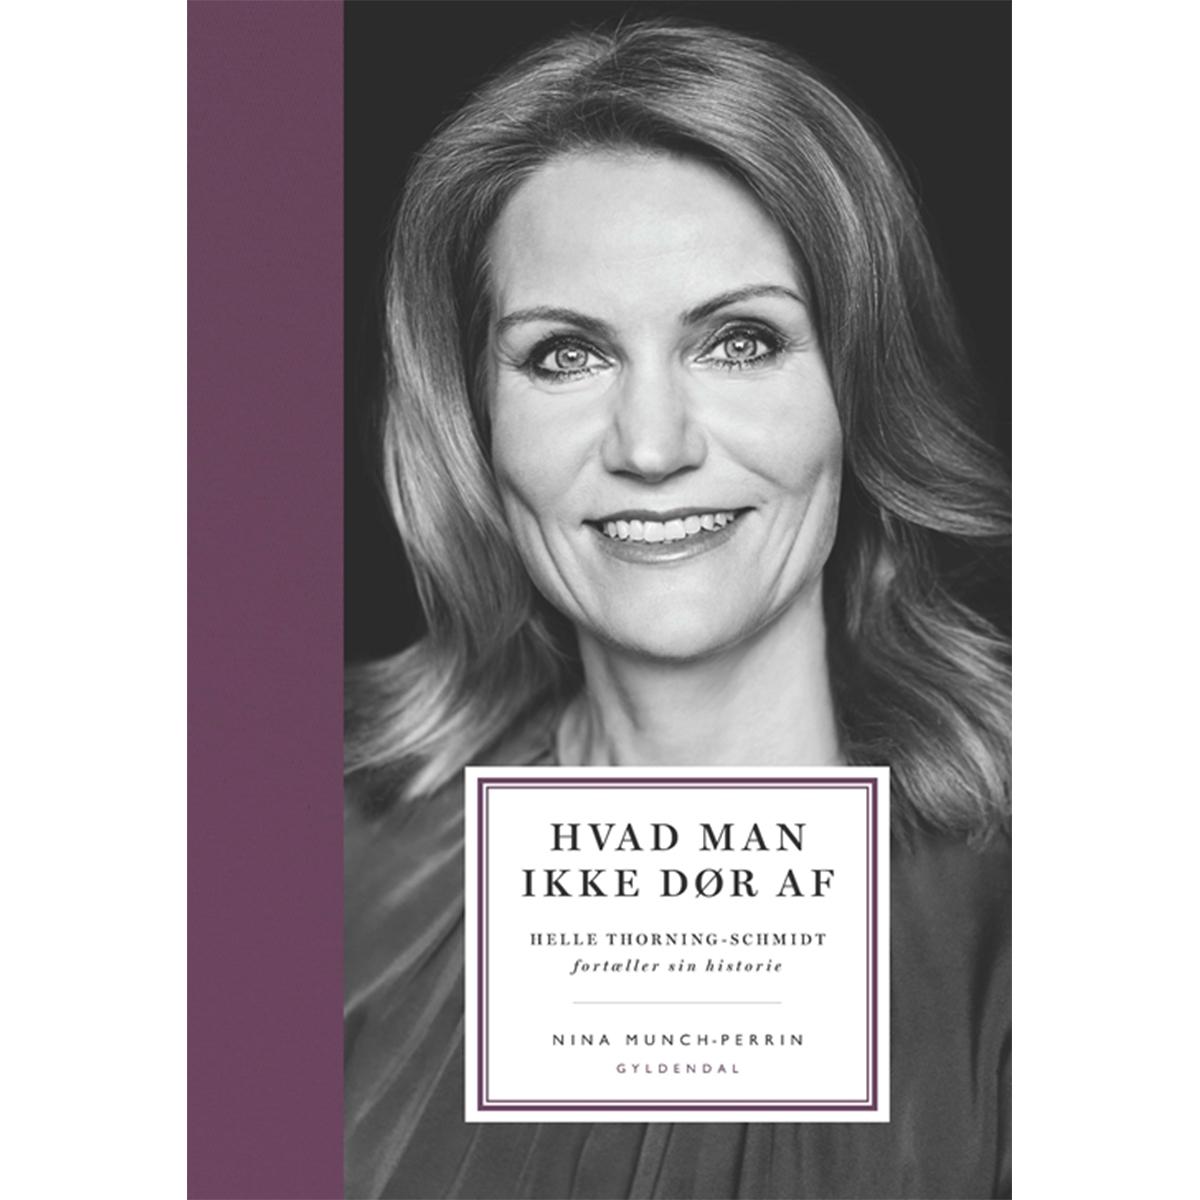 Hvad man ikke dør af - historien om Helle Thorning-Schmidt - Indbundet